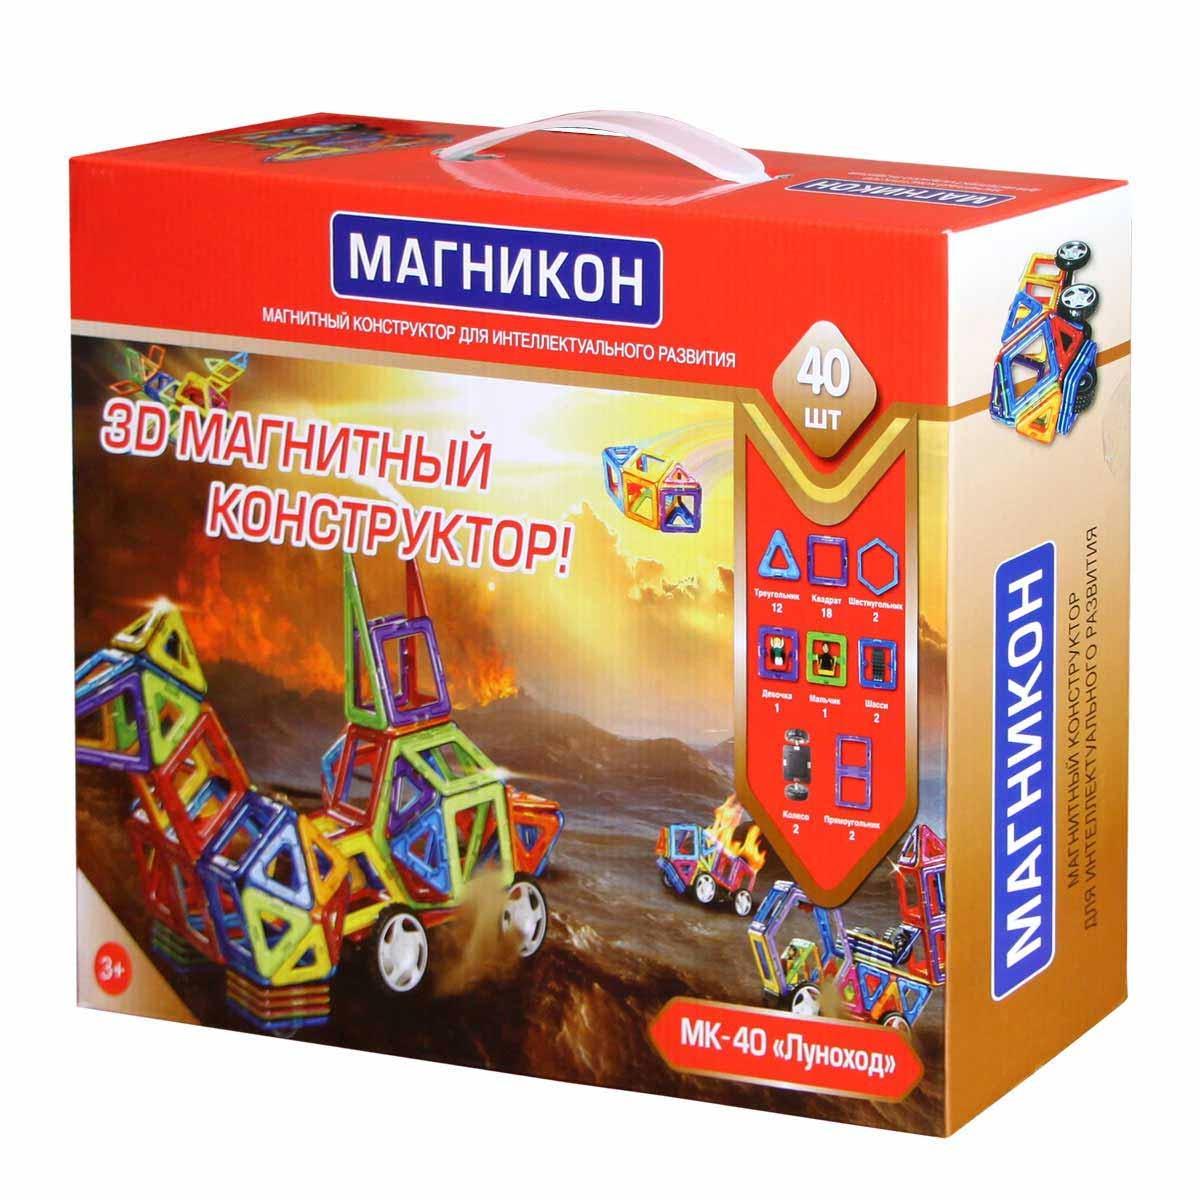 Конструкторы Магникон MK-40 Луноход все цены